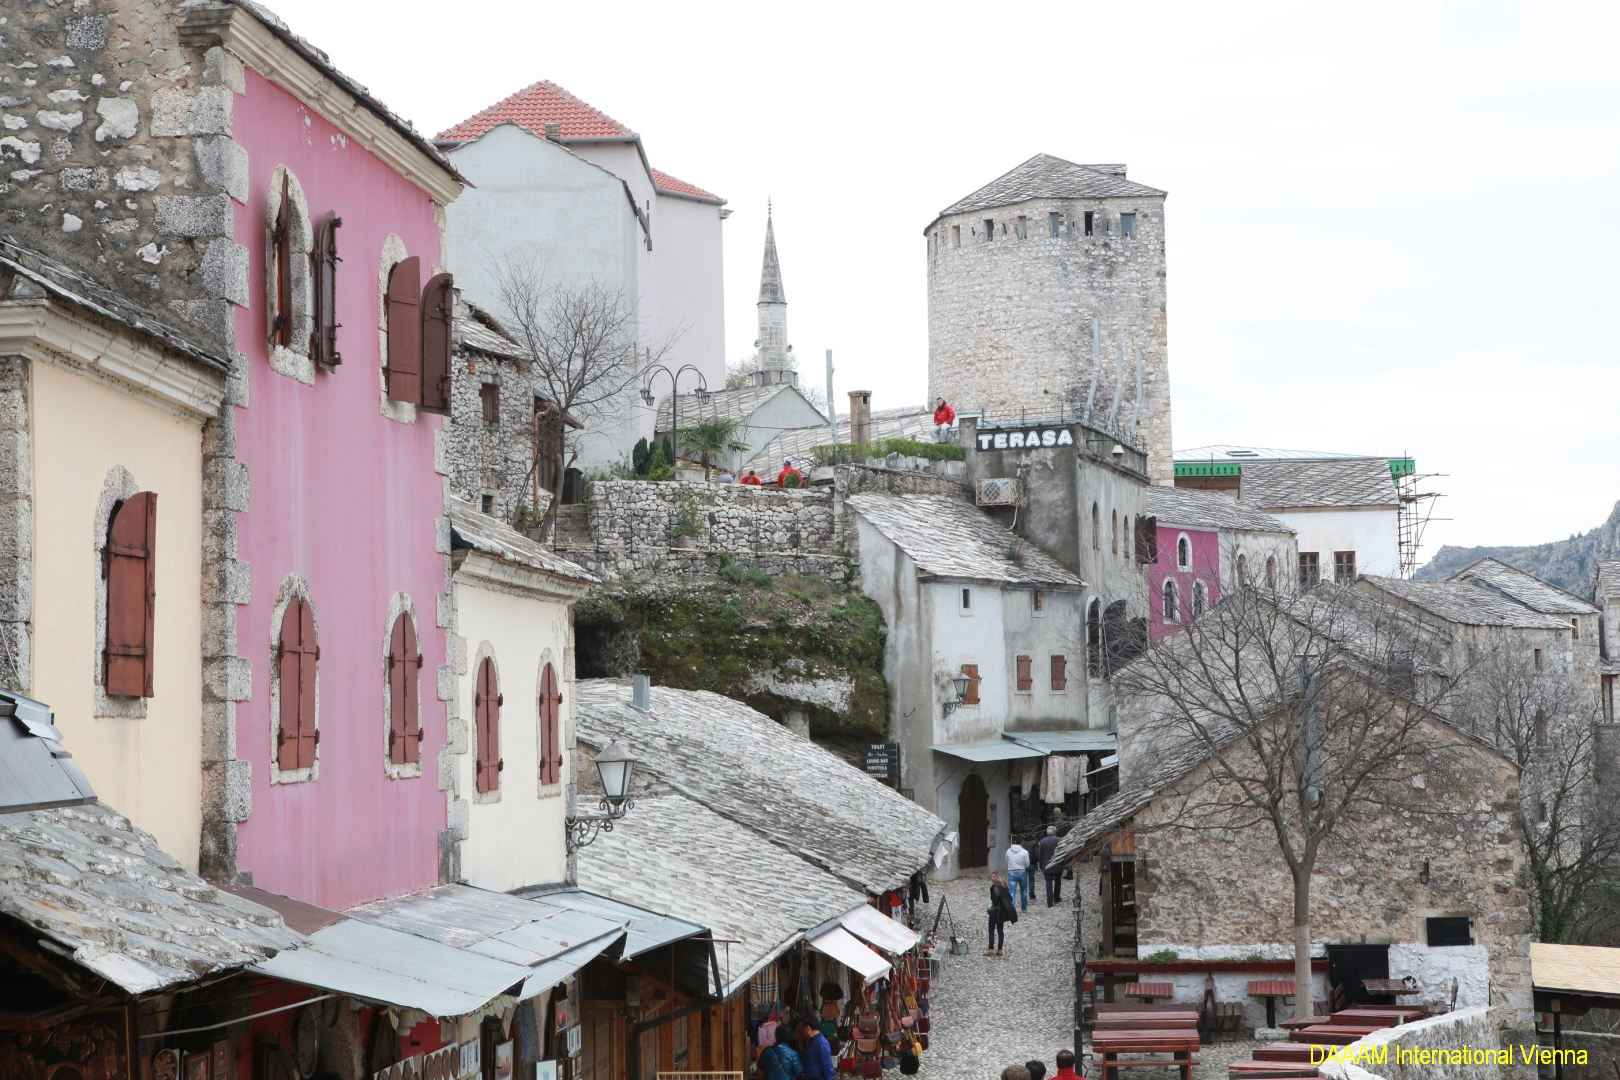 DAAAM_2016_Mostar_01_Magic_City_of_Mostar_098